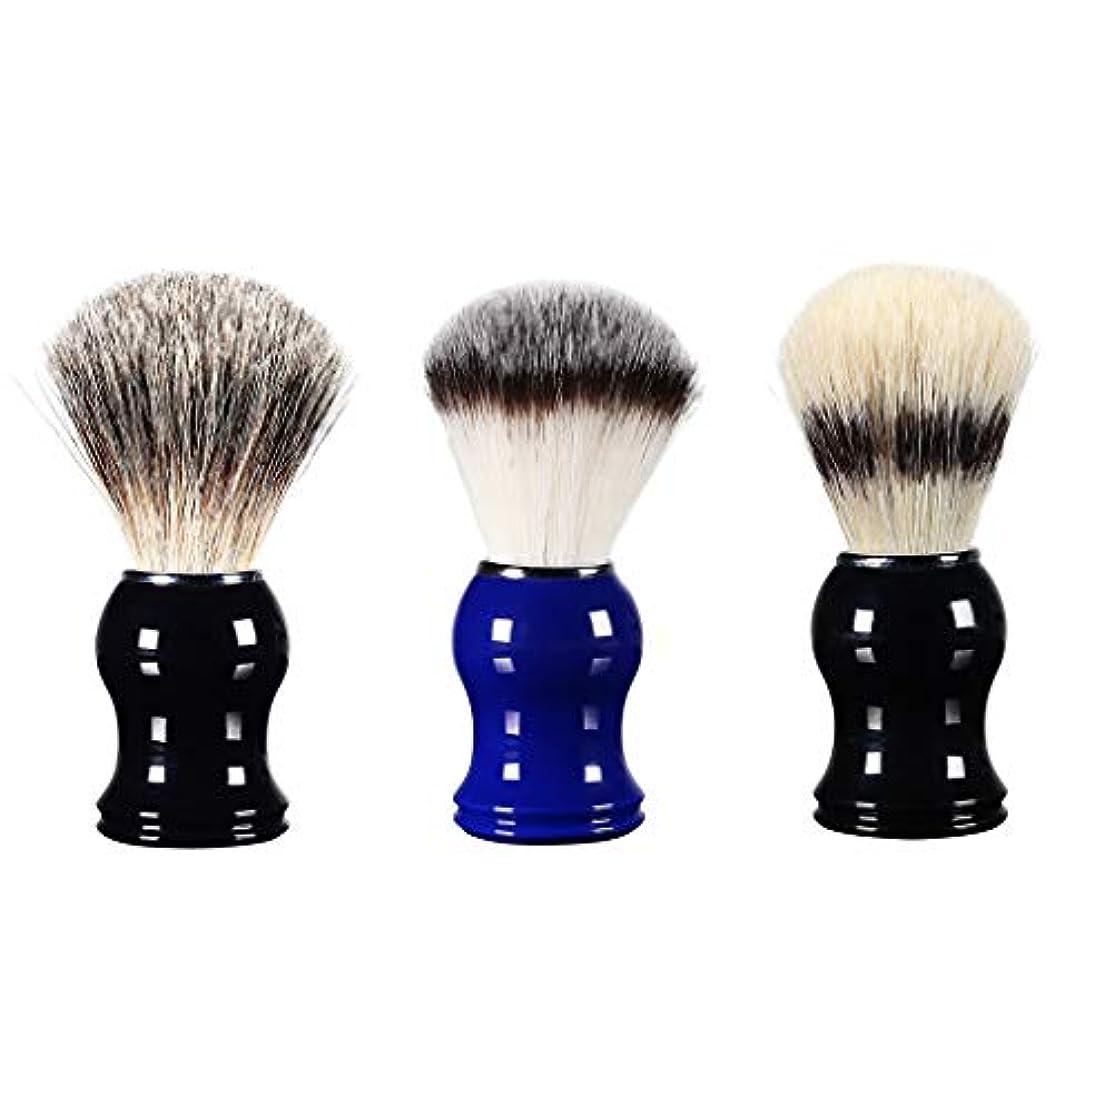 コンパイルクリケットフェザーメンズ用 髭剃り シェービングブラシ 樹脂ハ ンドル 理容 洗顔 髭剃り 男性 ギフト 3個入